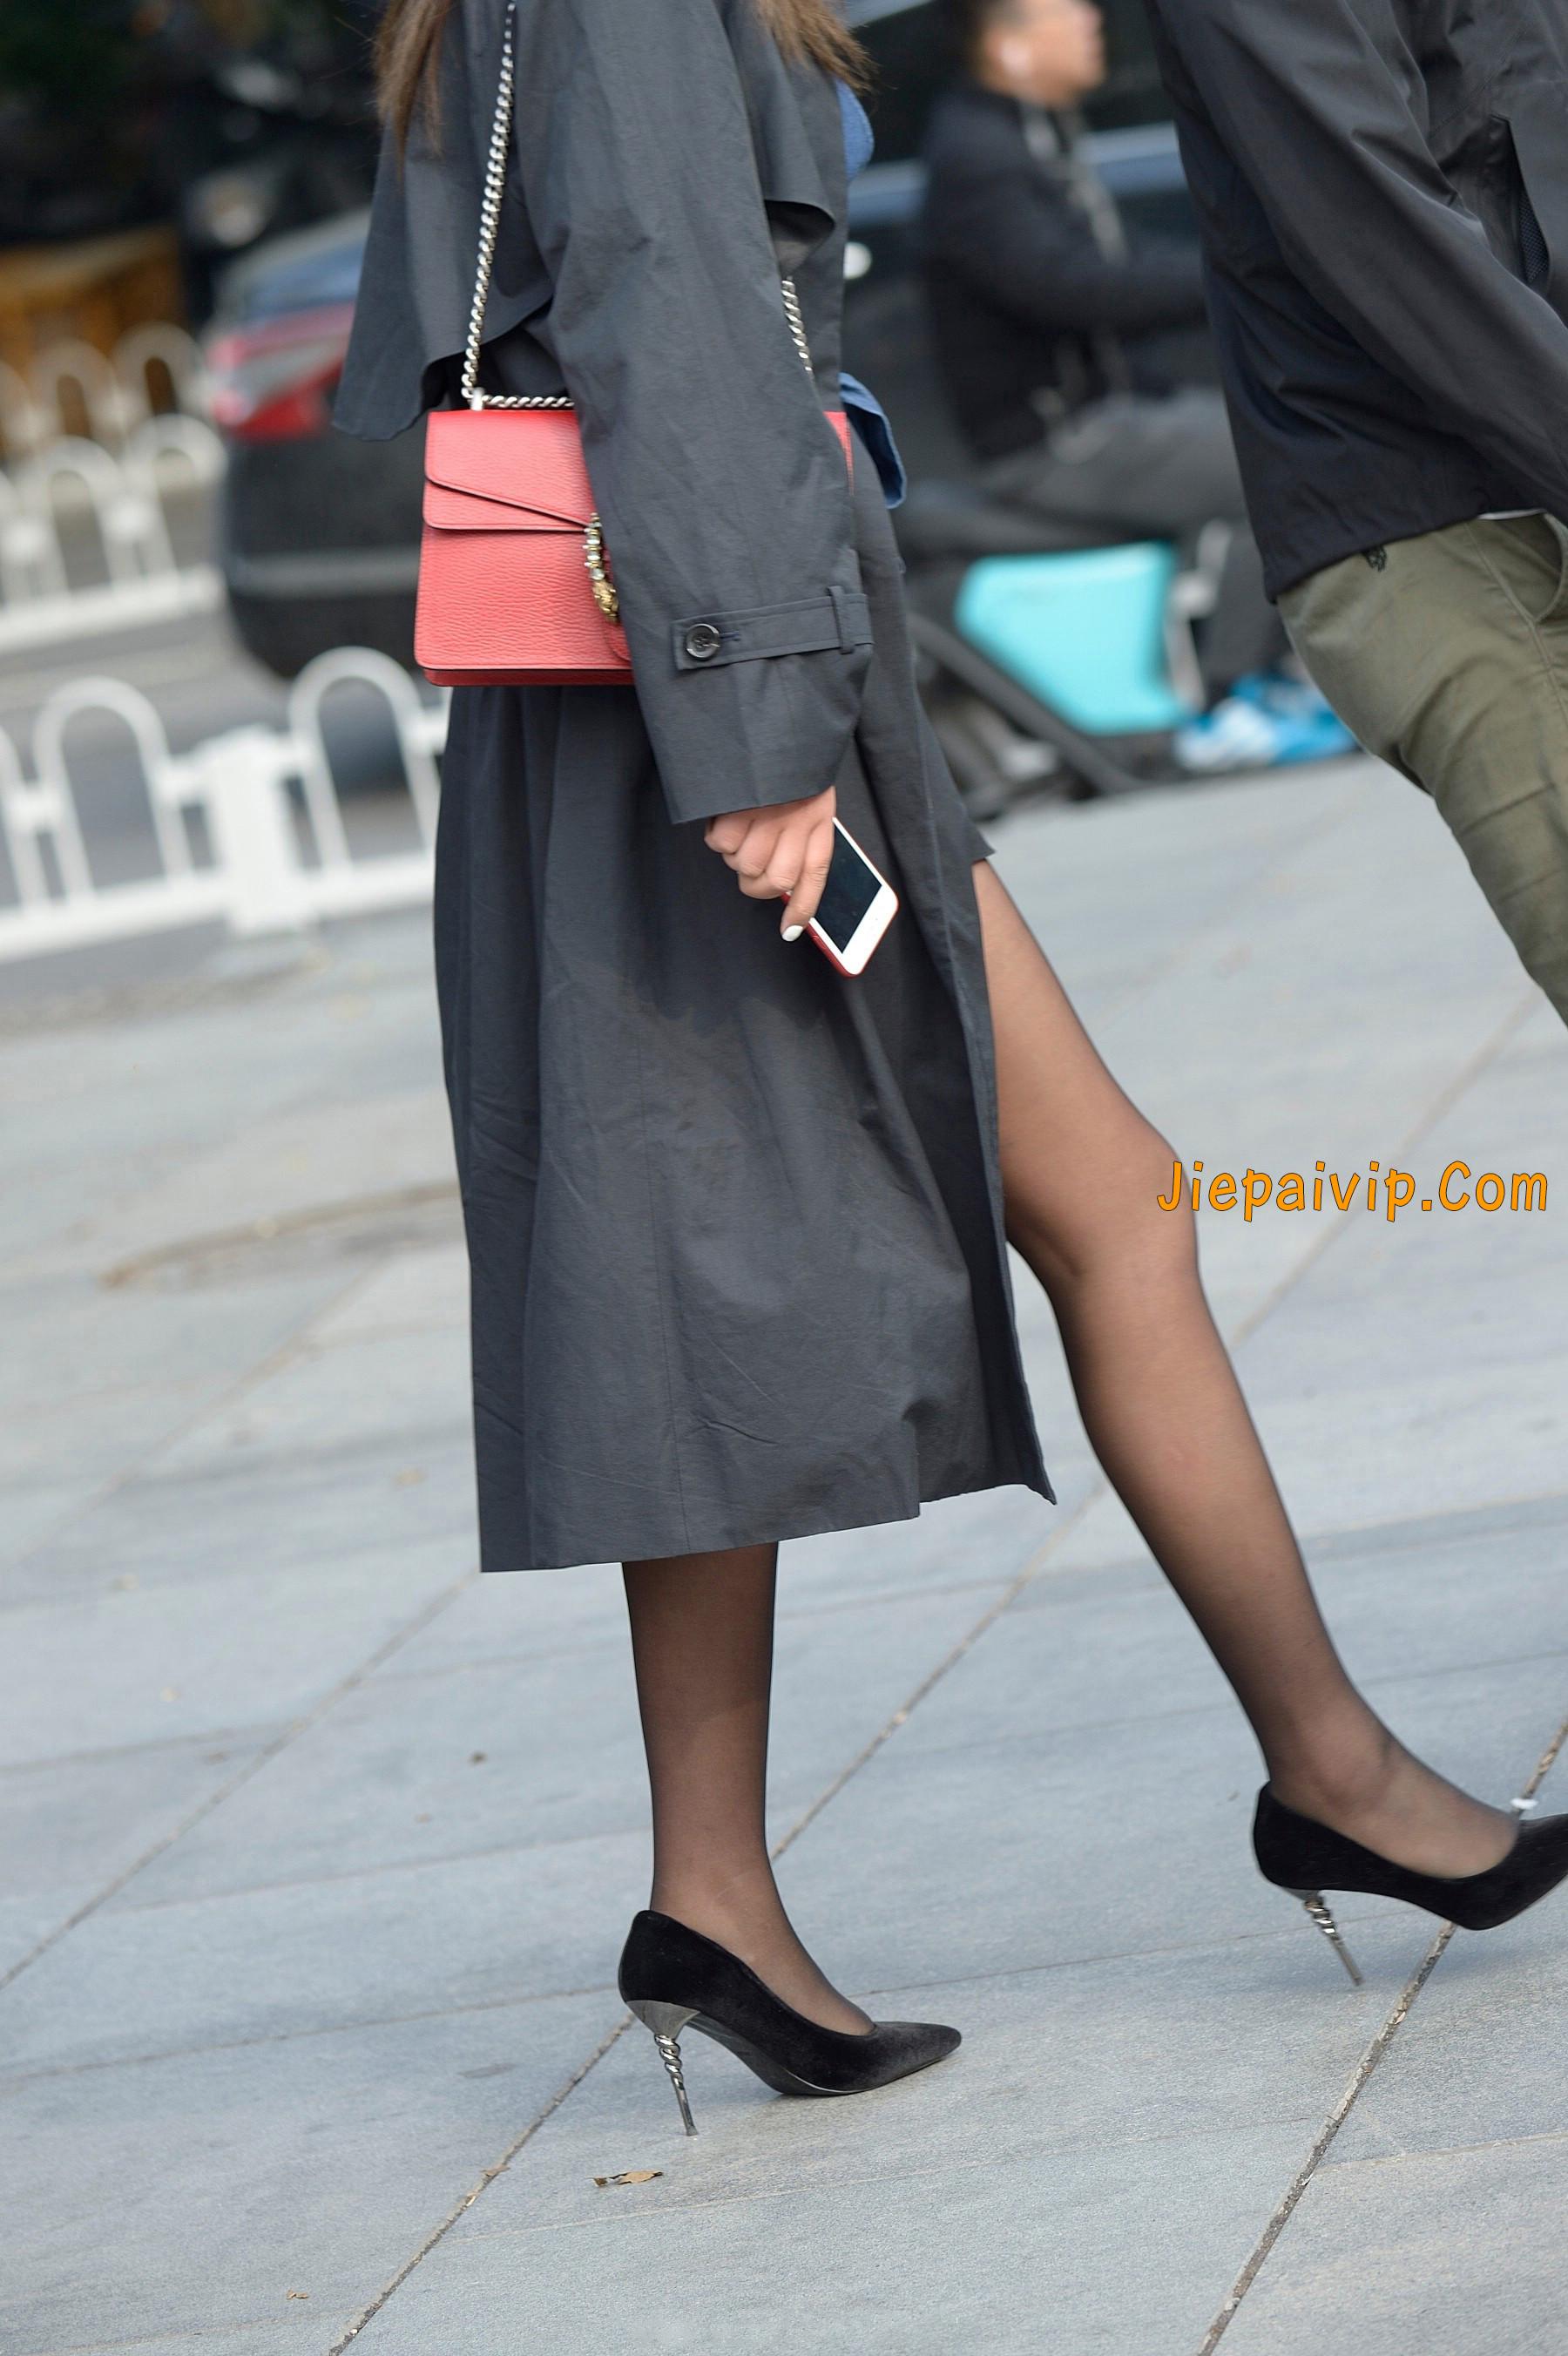 黑丝短裙 美腿女郎5